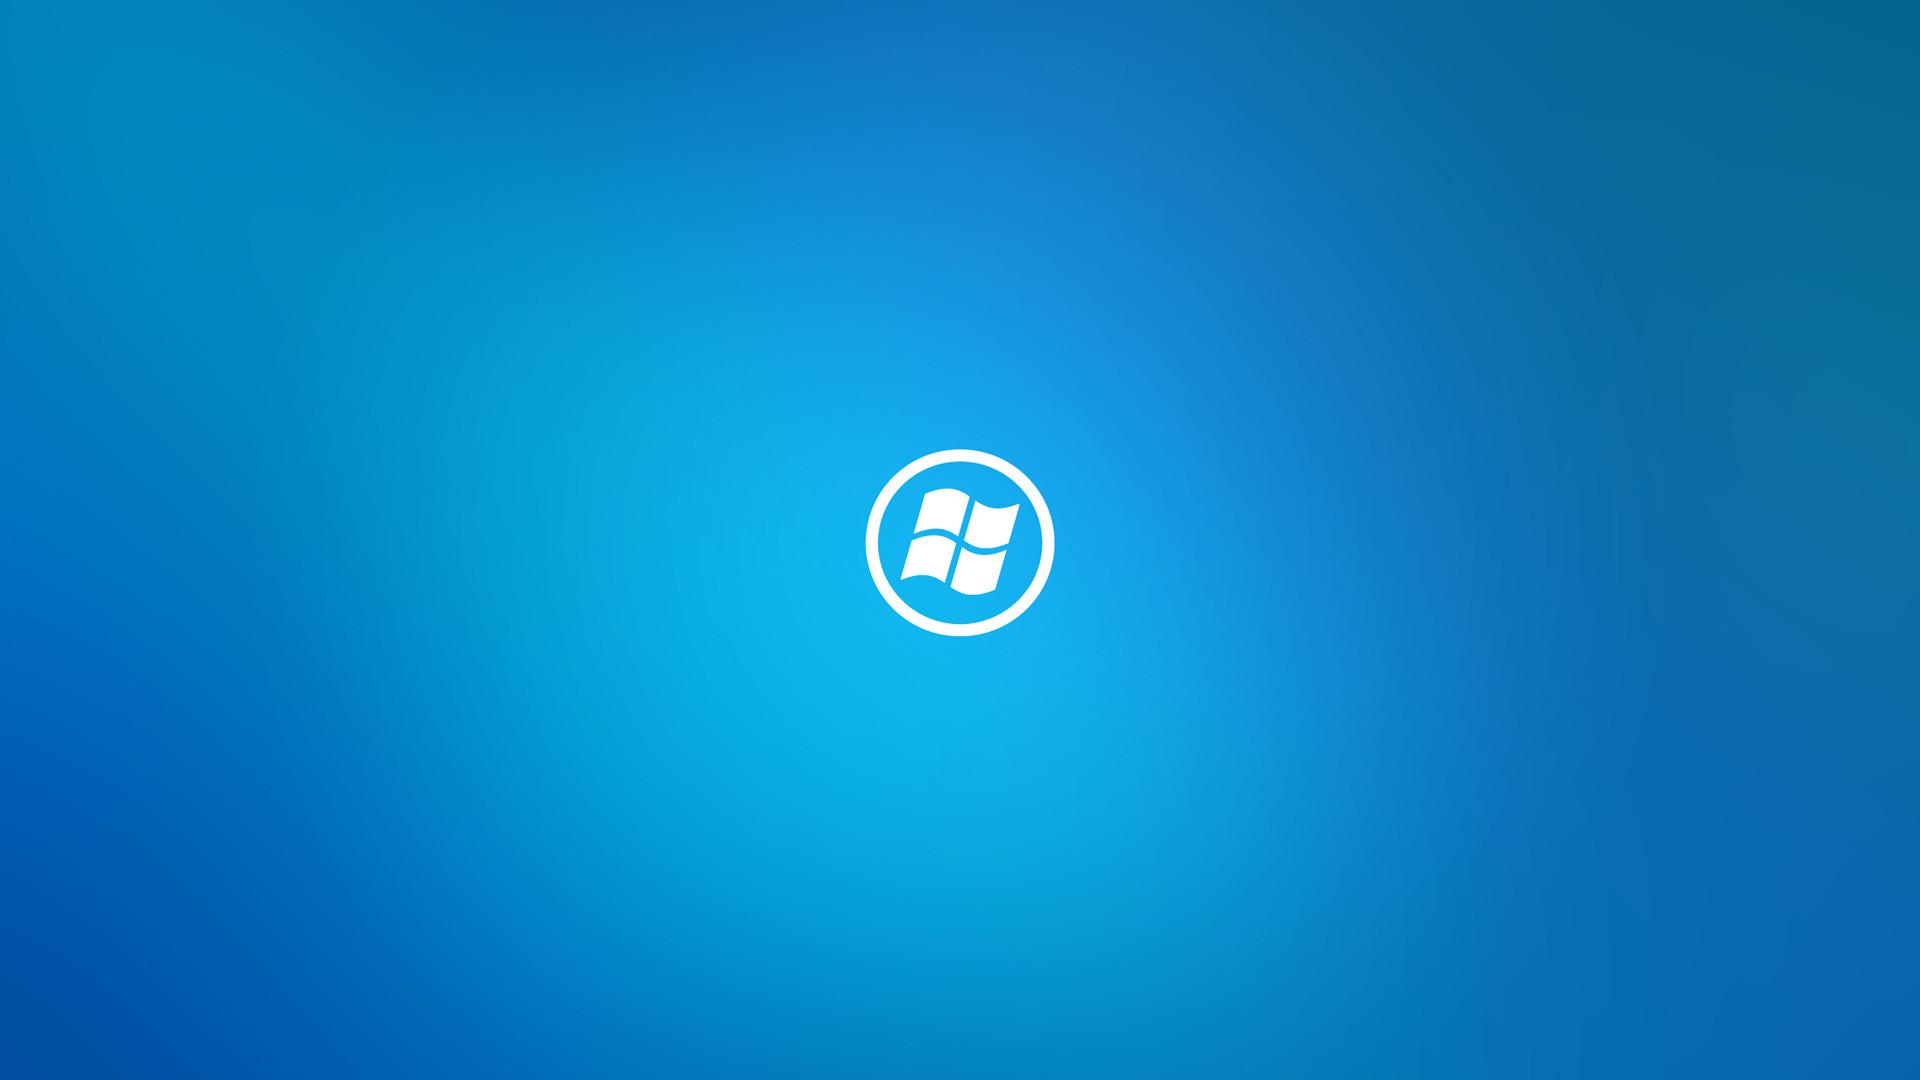 Windows 8 Wallpaper Blue wallpaper – 804555